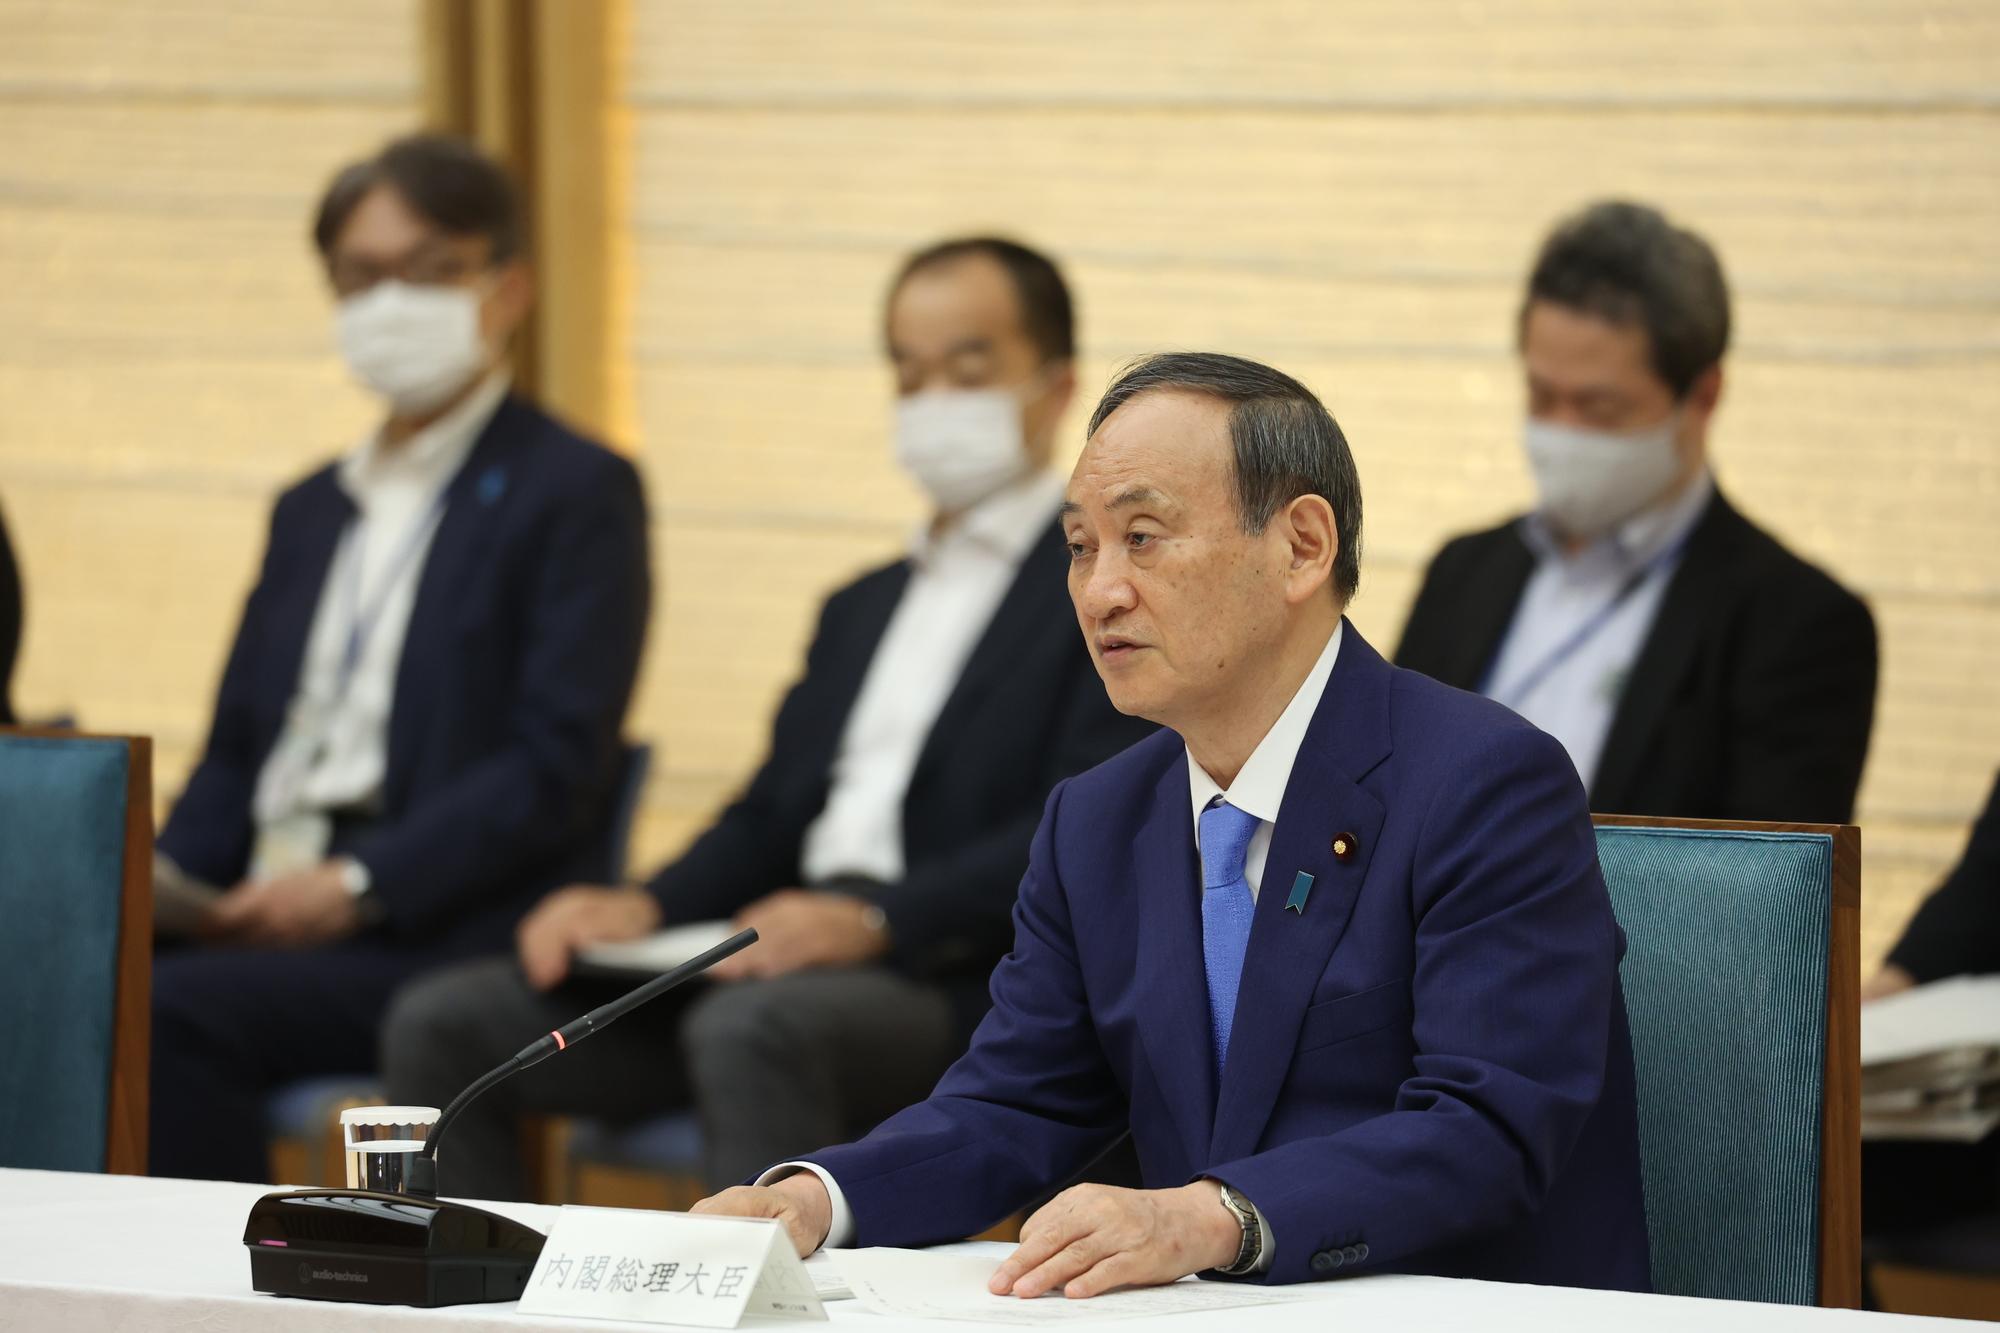 写真・図版 : 新型コロナウイルス感染症対策本部で、沖縄を除く9都道府県の緊急事態宣言の解除を発表する菅義偉首相(2021年6月17日)